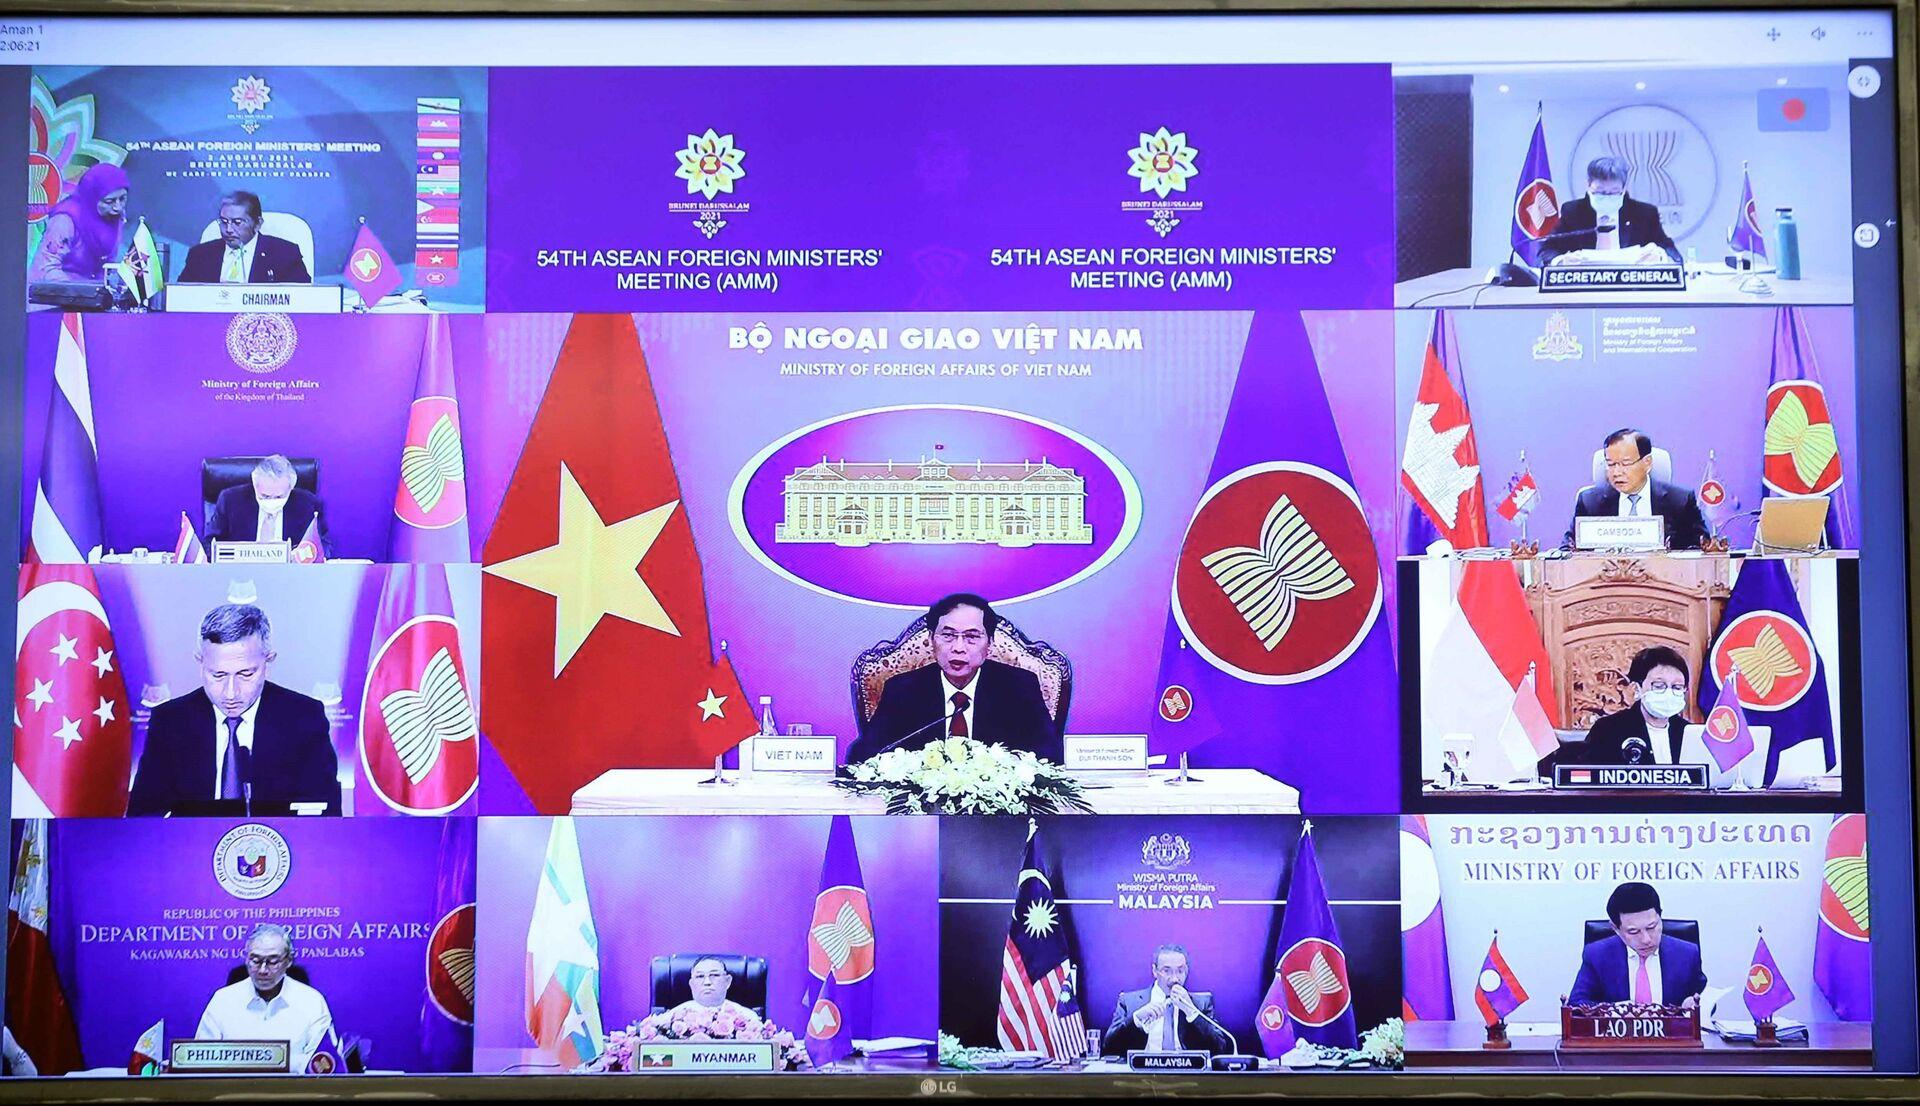 Bộ trưởng Bộ Ngoại giao Bùi Thanh Sơn tham dự Hội nghị Bộ trưởng Ngoại giao ASEAN lần thứ 54 (AMM 54) theo hình thức trực tuyến.  - Sputnik Việt Nam, 1920, 05.10.2021